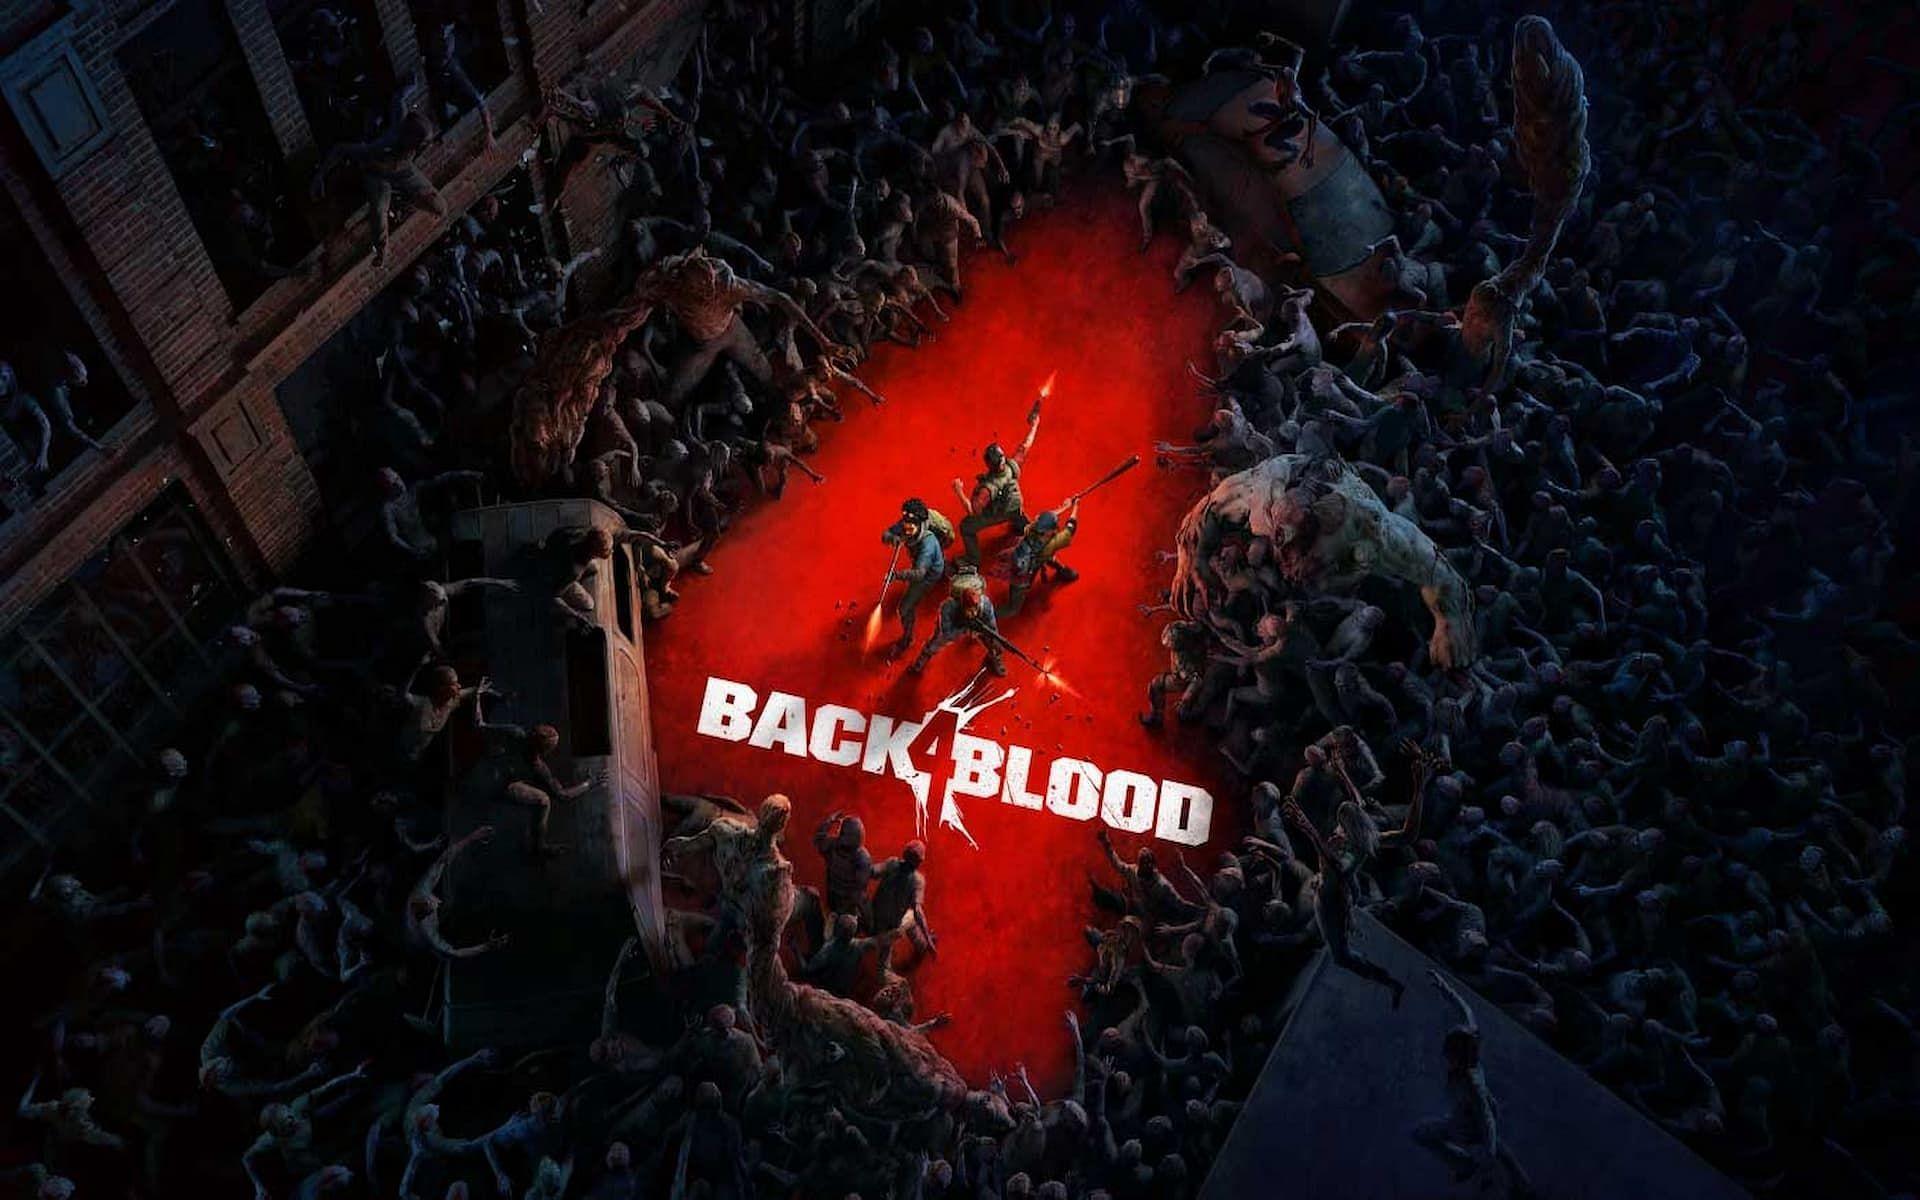 A promotional image for Back 4 Blood (Image via Turtle Rock Studios)